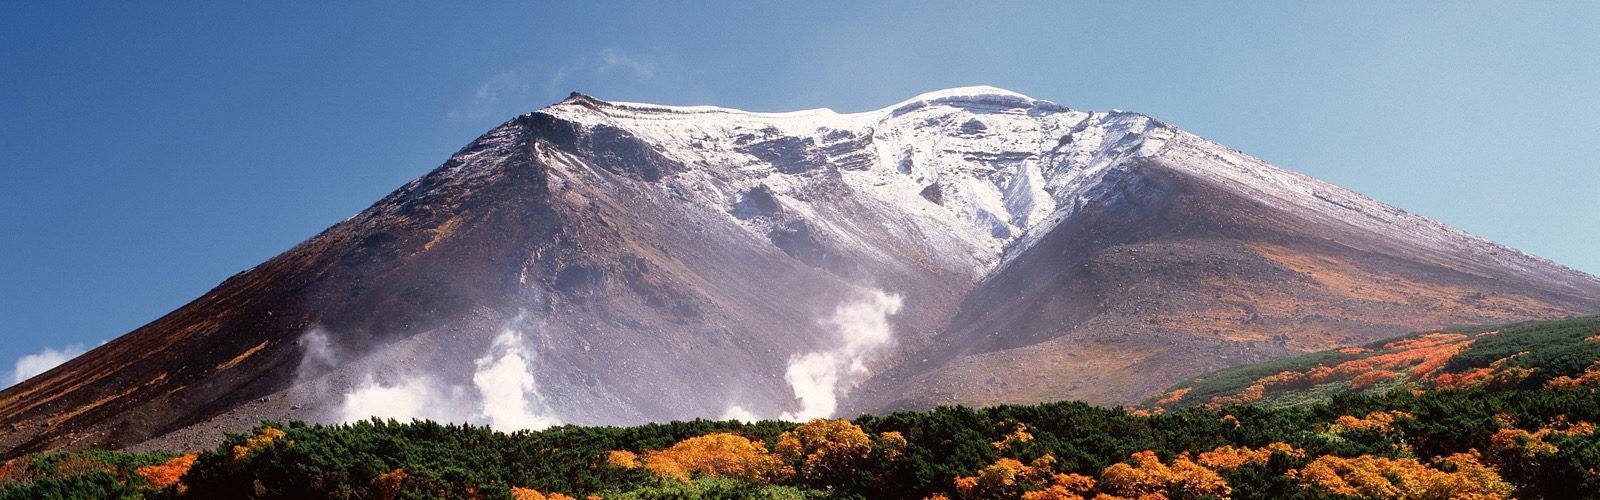 Hokkaido Luxury in Nature